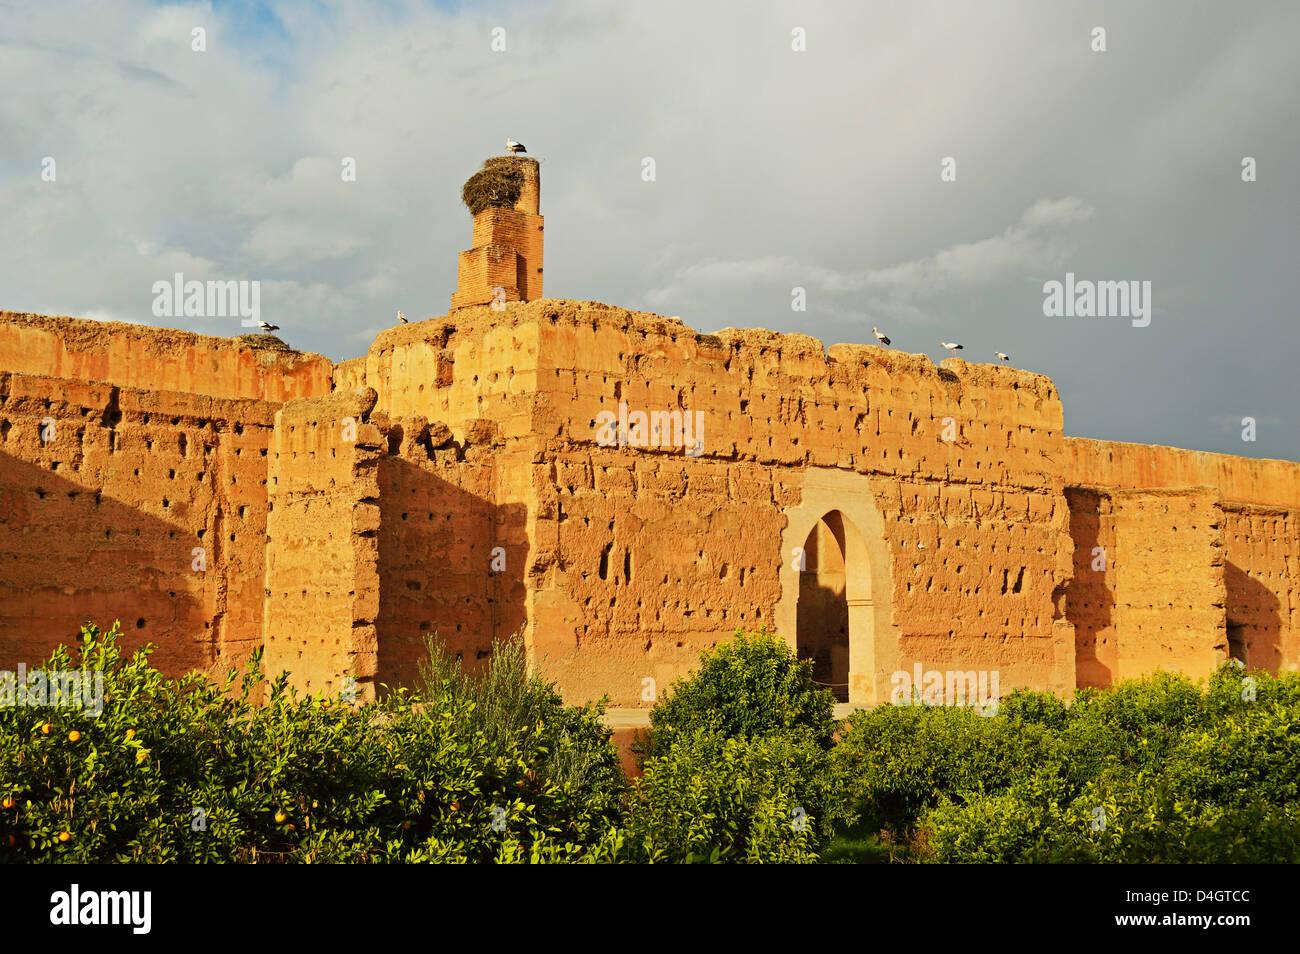 Palais Badi (El Badi Palace), Medina, Marrakesh, Morocco, North Africa Stock Photo